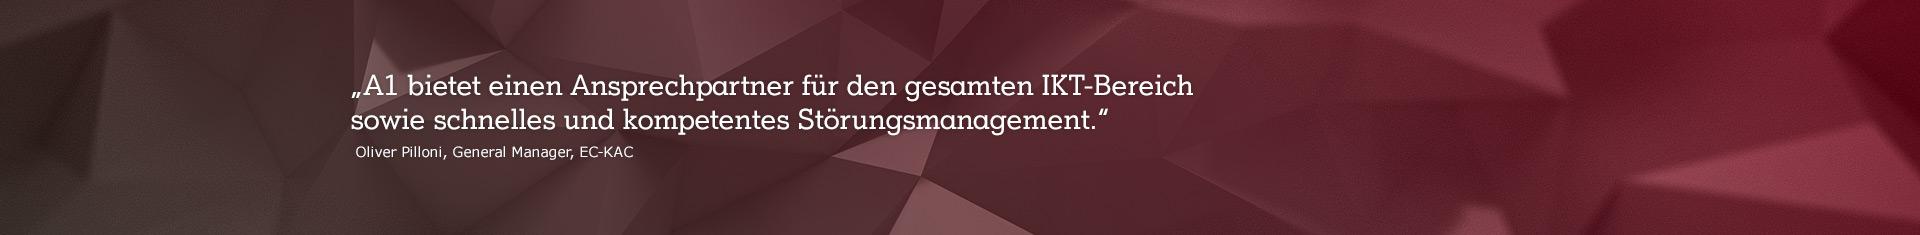 """abstraktes Bild mit Zitat """"A1 bietet einen Ansprechpartner für den gesamten IKT-Bereich sowie schnelles und kompetentes Störungsmanagement."""""""